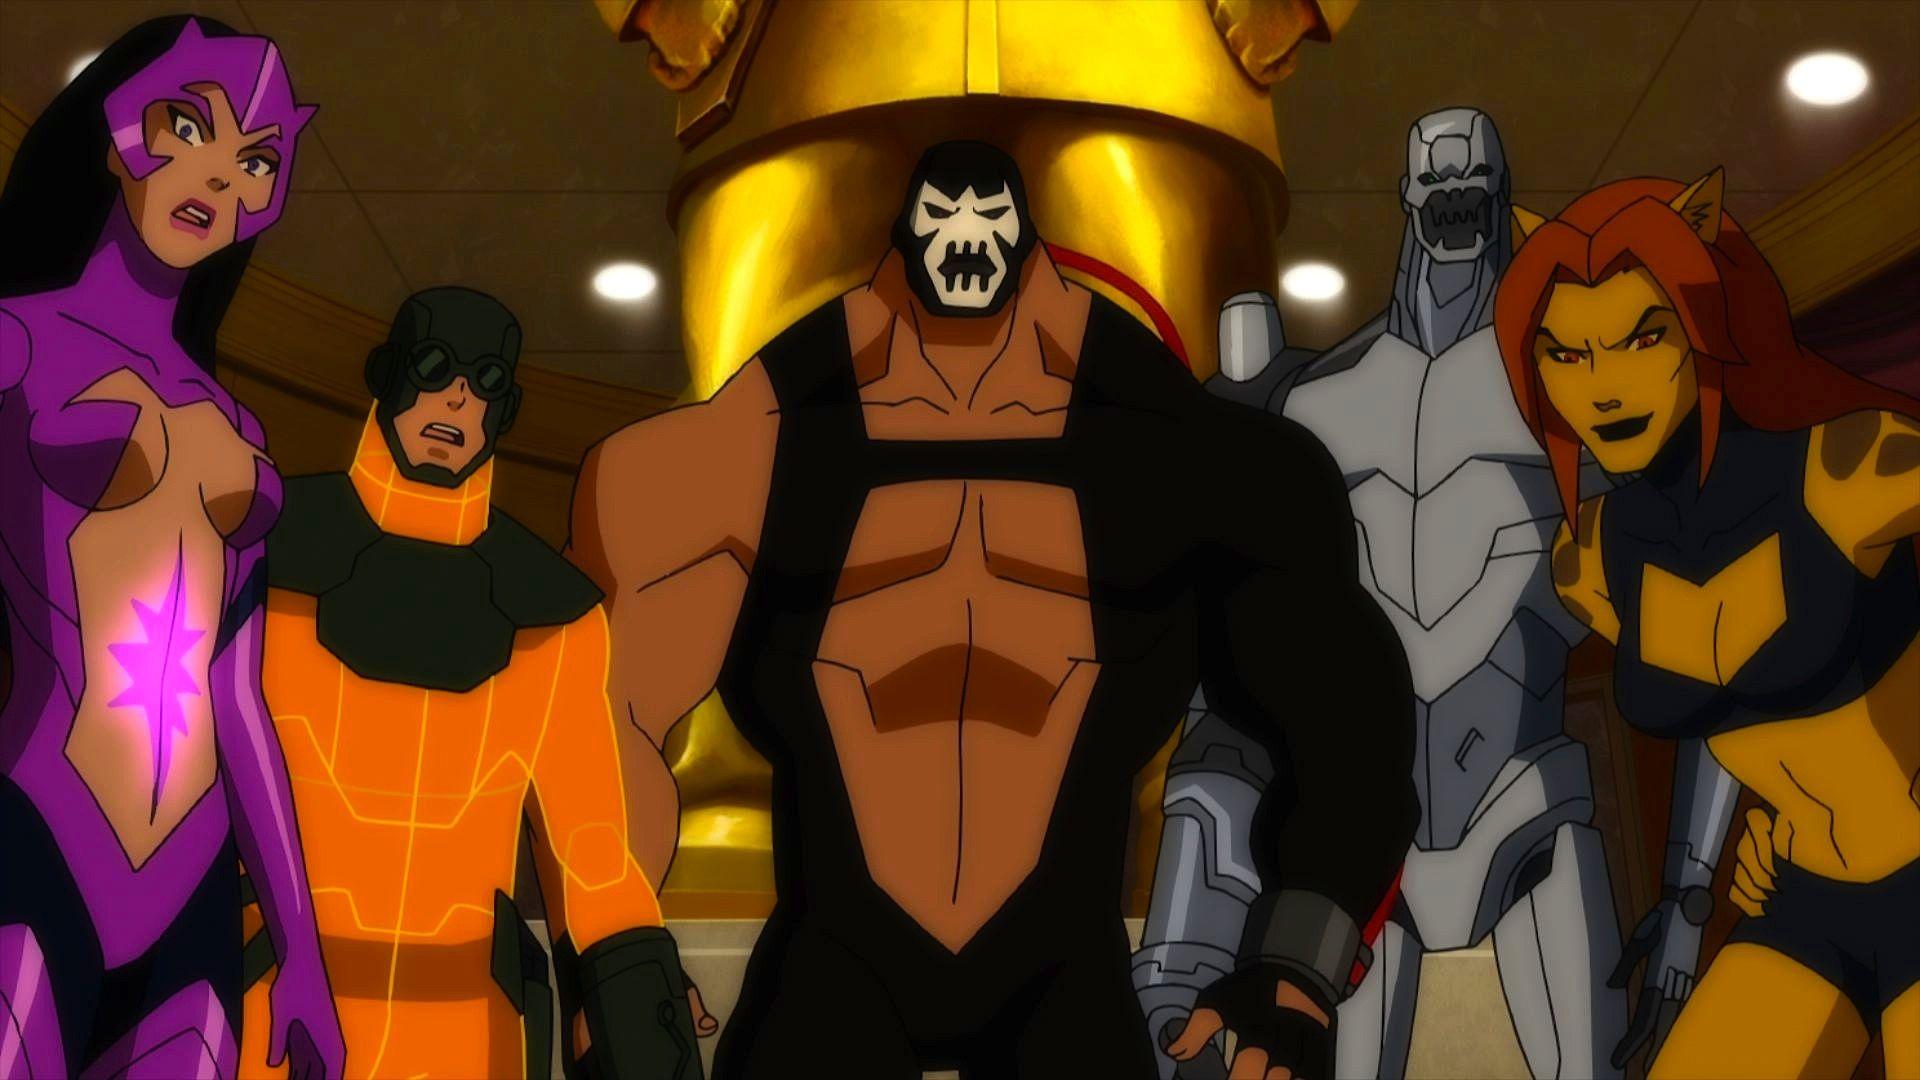 Justice League Doom Computer Wallpapers Desktop Backgrounds 1920x1080 Id 477181 Justice League Doom Justice League Doom Movie